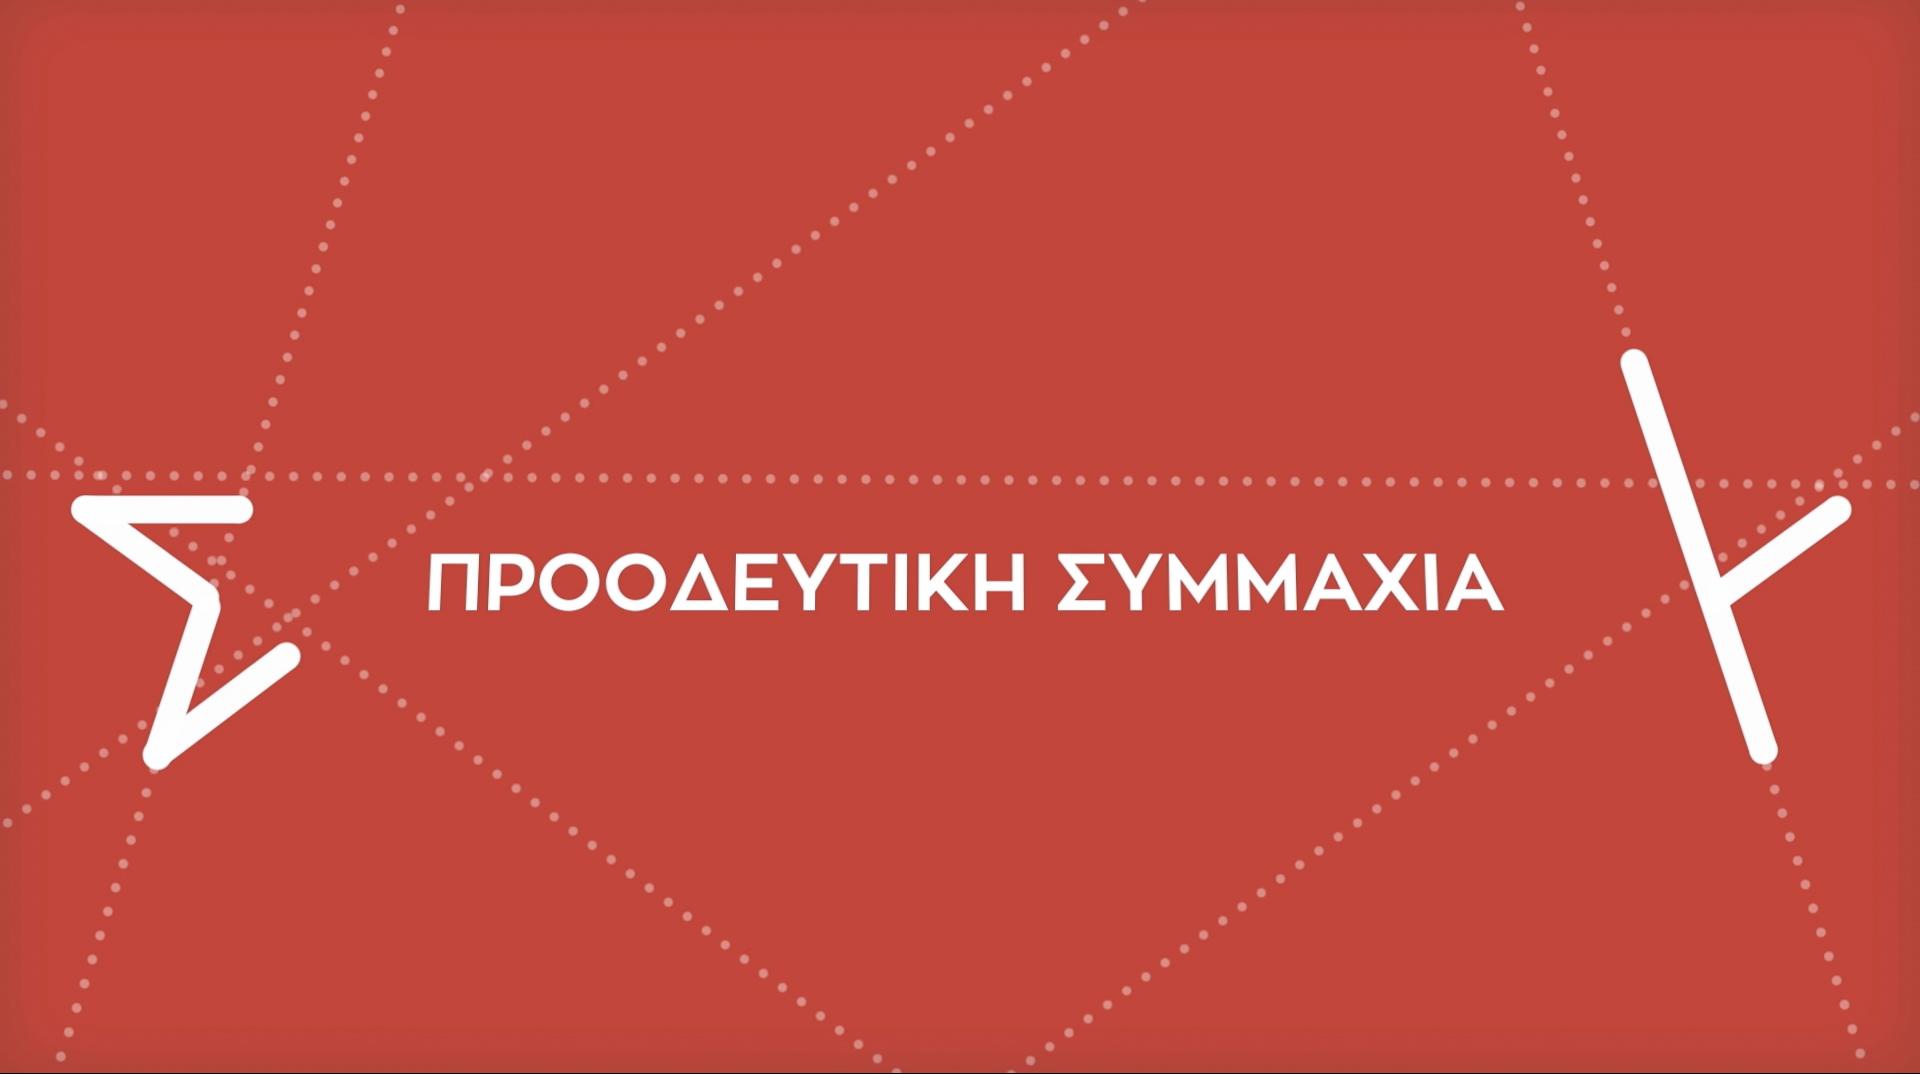 Το σχέδιο κειμένου των Προγραμματικών θέσεων του ΣΥΡΙΖΑ-ΠΣ